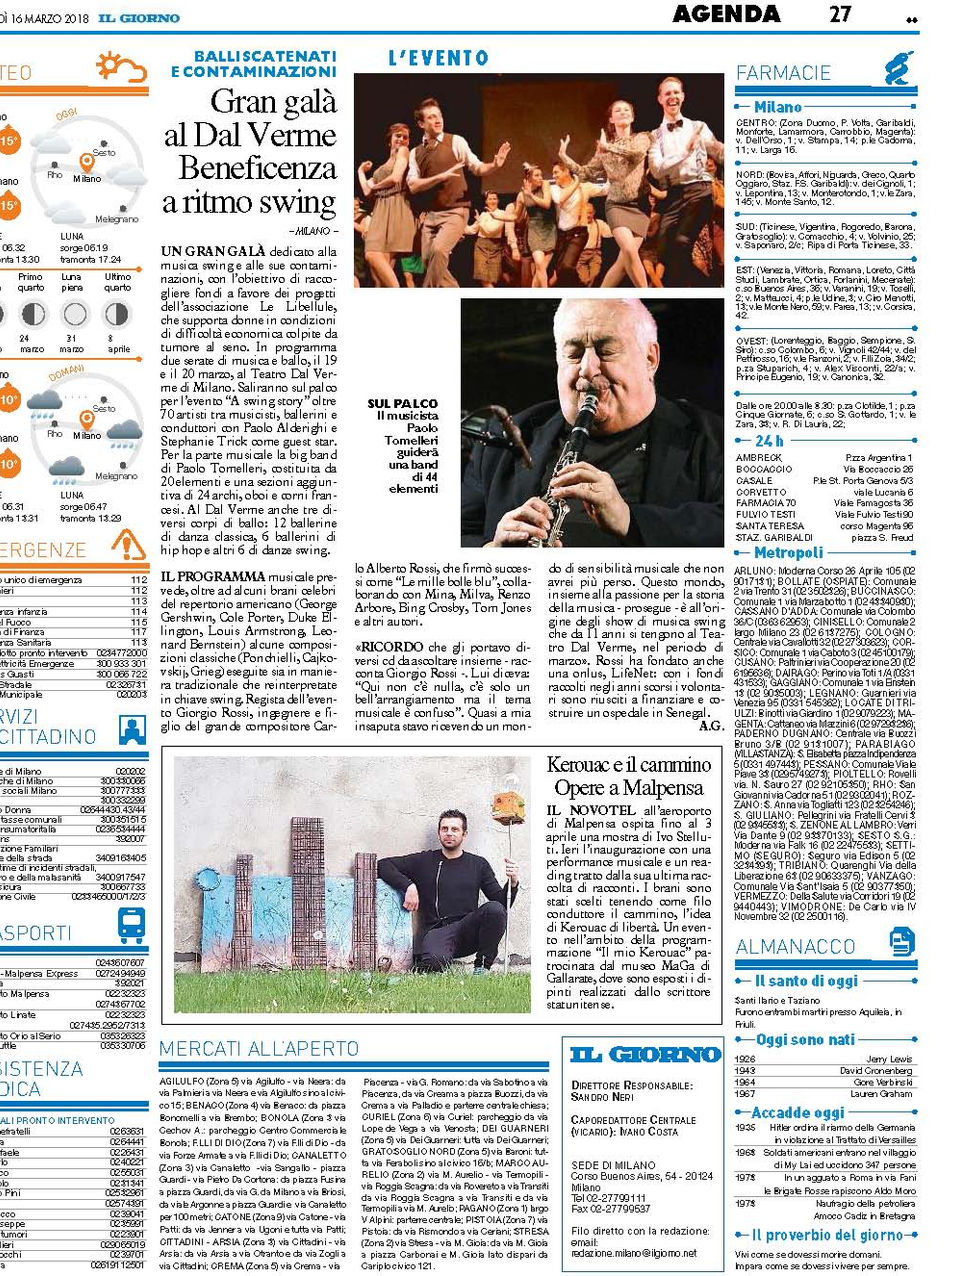 Il Giorno ed. Milano - 16.03.18